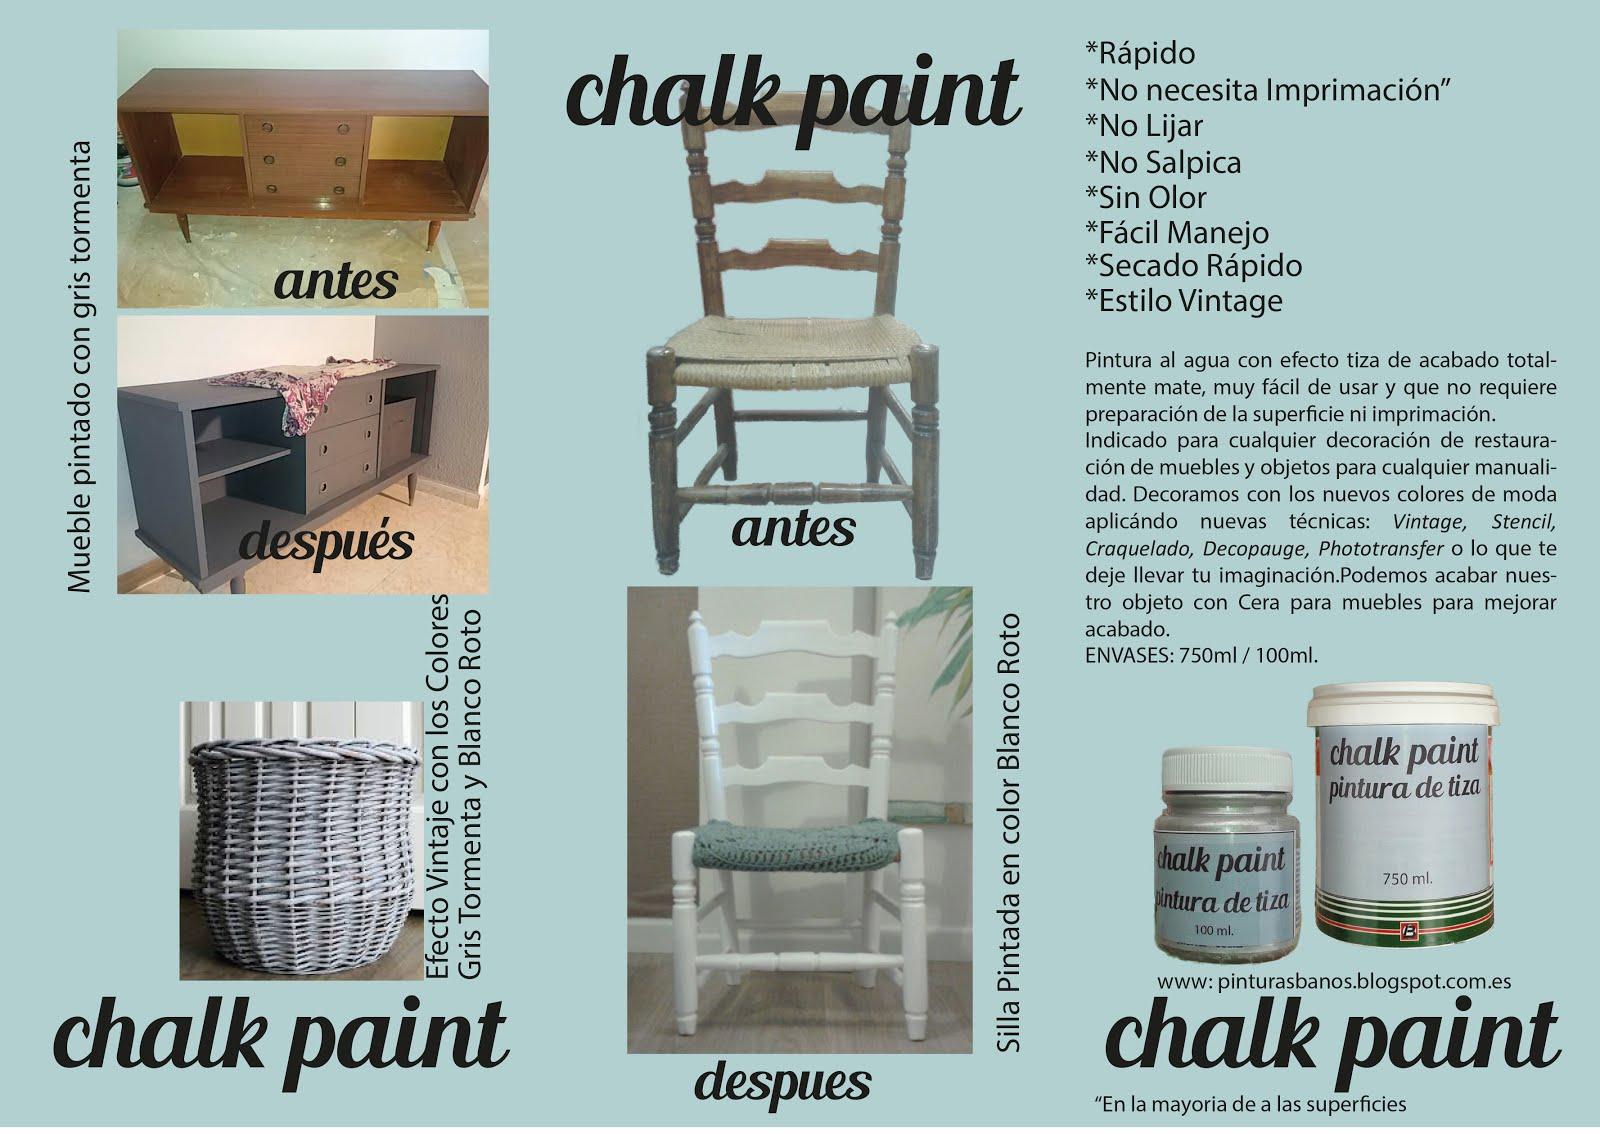 Pinturas ba os carta de colores pintura tiza economica - Pintura ala tiza colores ...